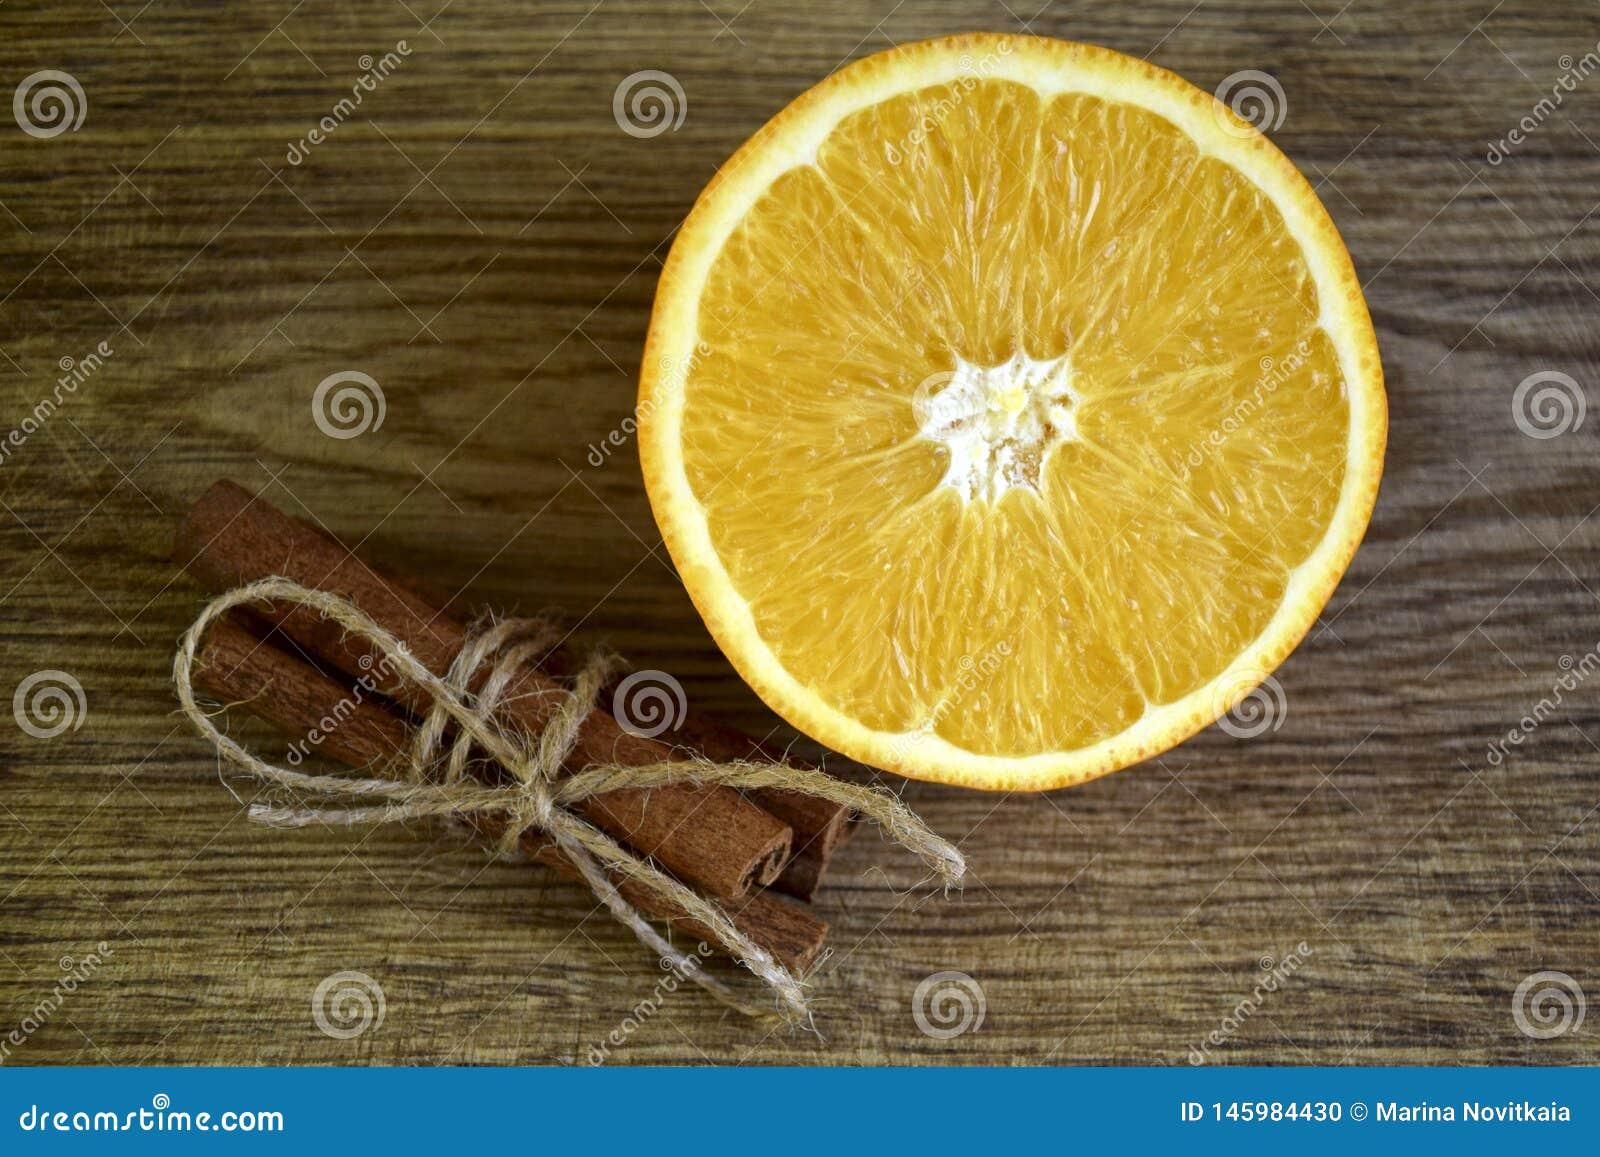 Reife Orange, Zimtstangen auf Holzoberfläche